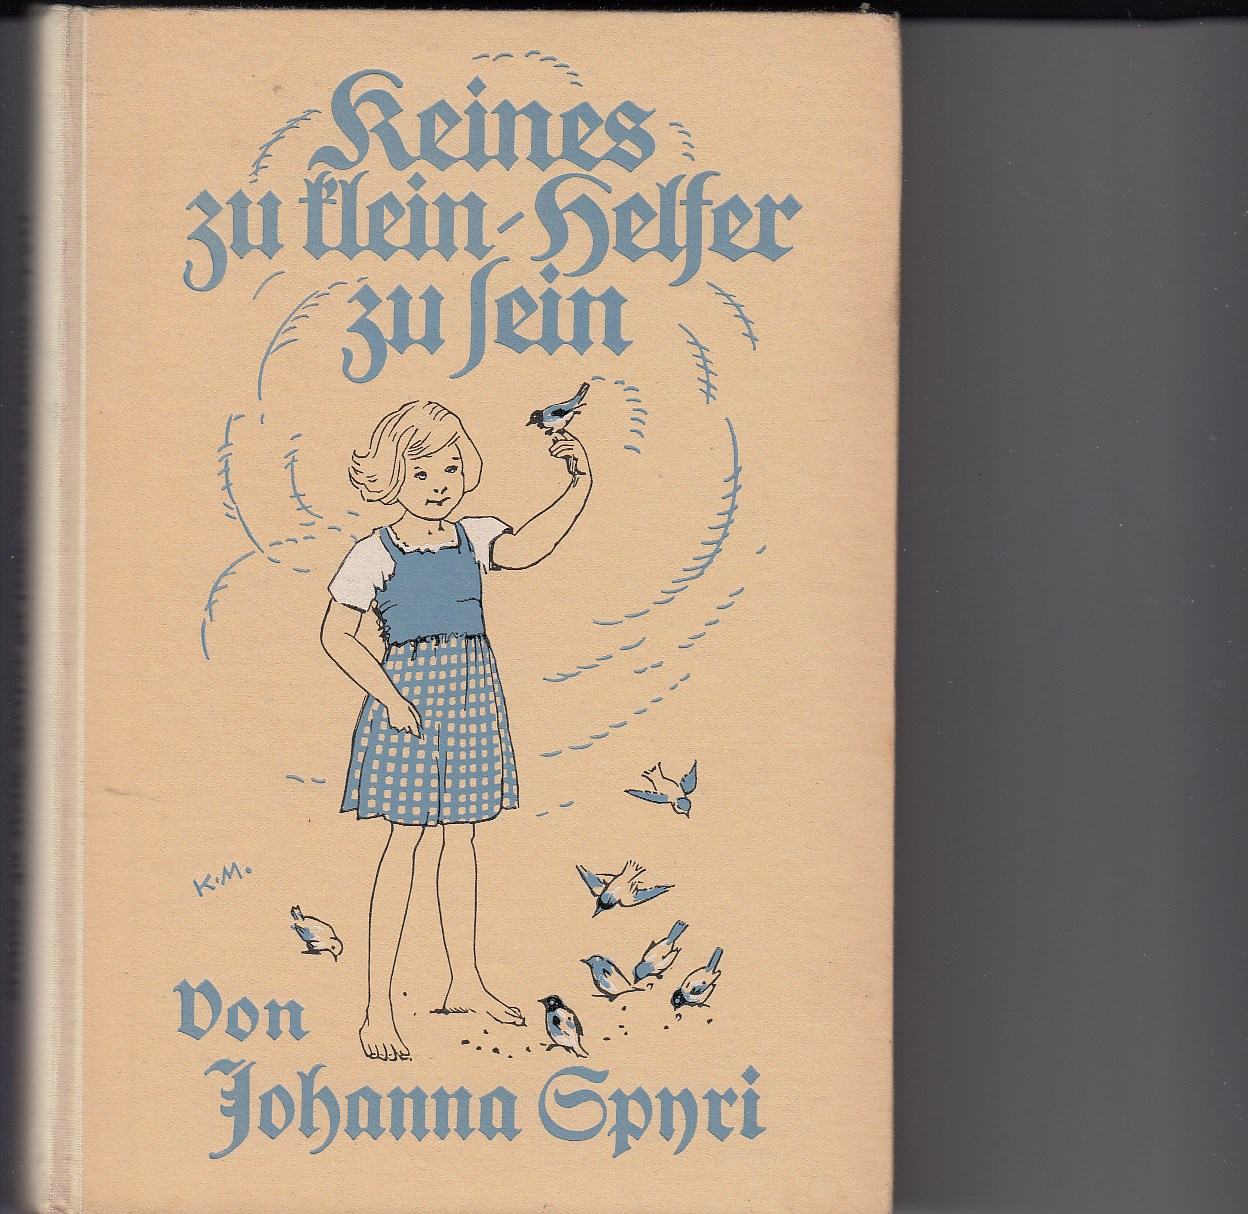 Keines zu klein, Helfer zu sein. Geschichten für Kinder und solche, die Kinder lieb haben. Neu durchgesehen von Alexander Troll. Mit 4 farbigen Bildern von Karl Mühlmeister.